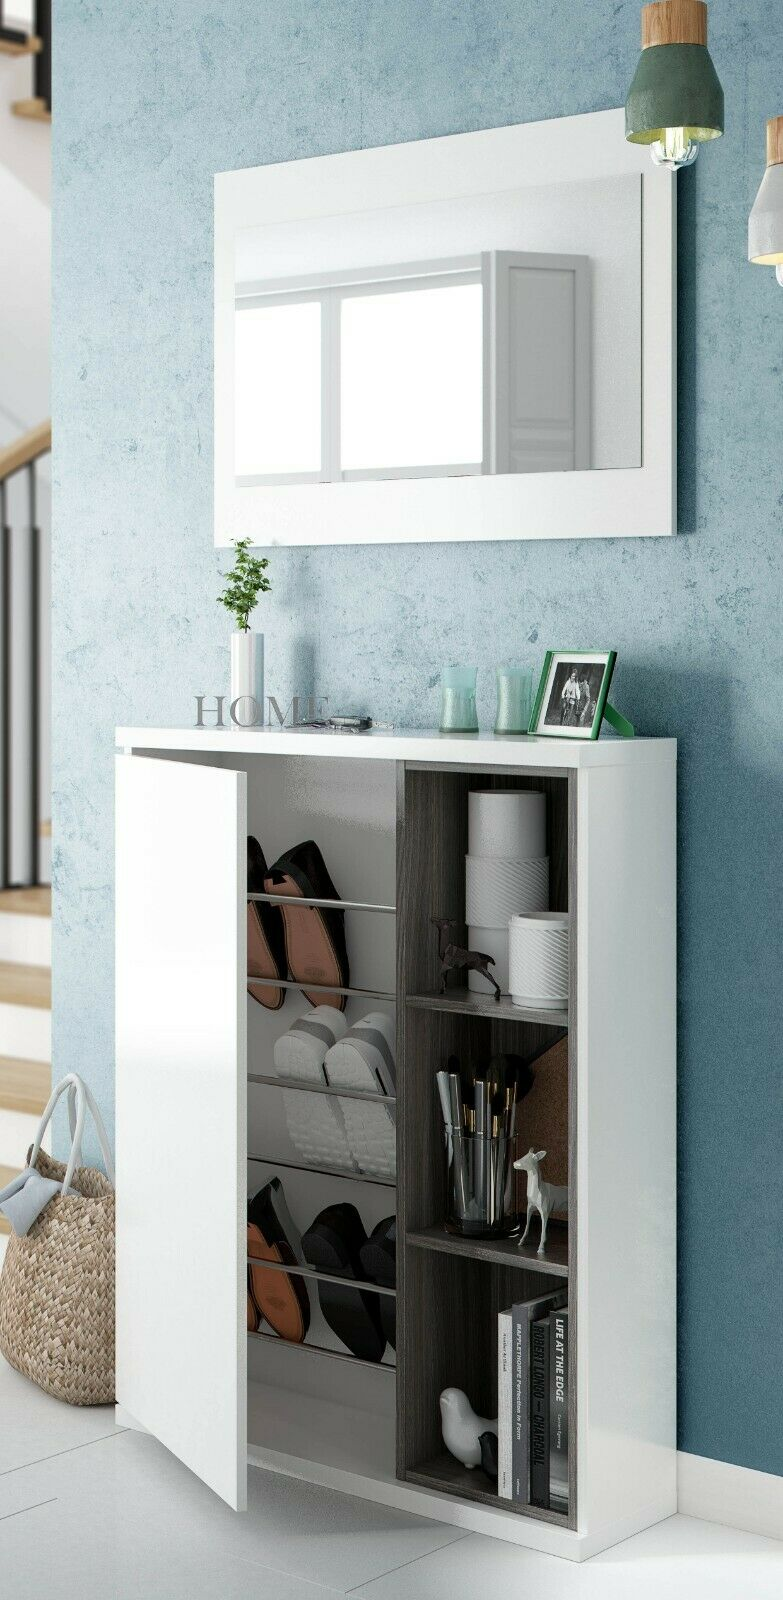 s l1600 - Recibidor zapatero moderno + espejo varios huecos color blanco brillo